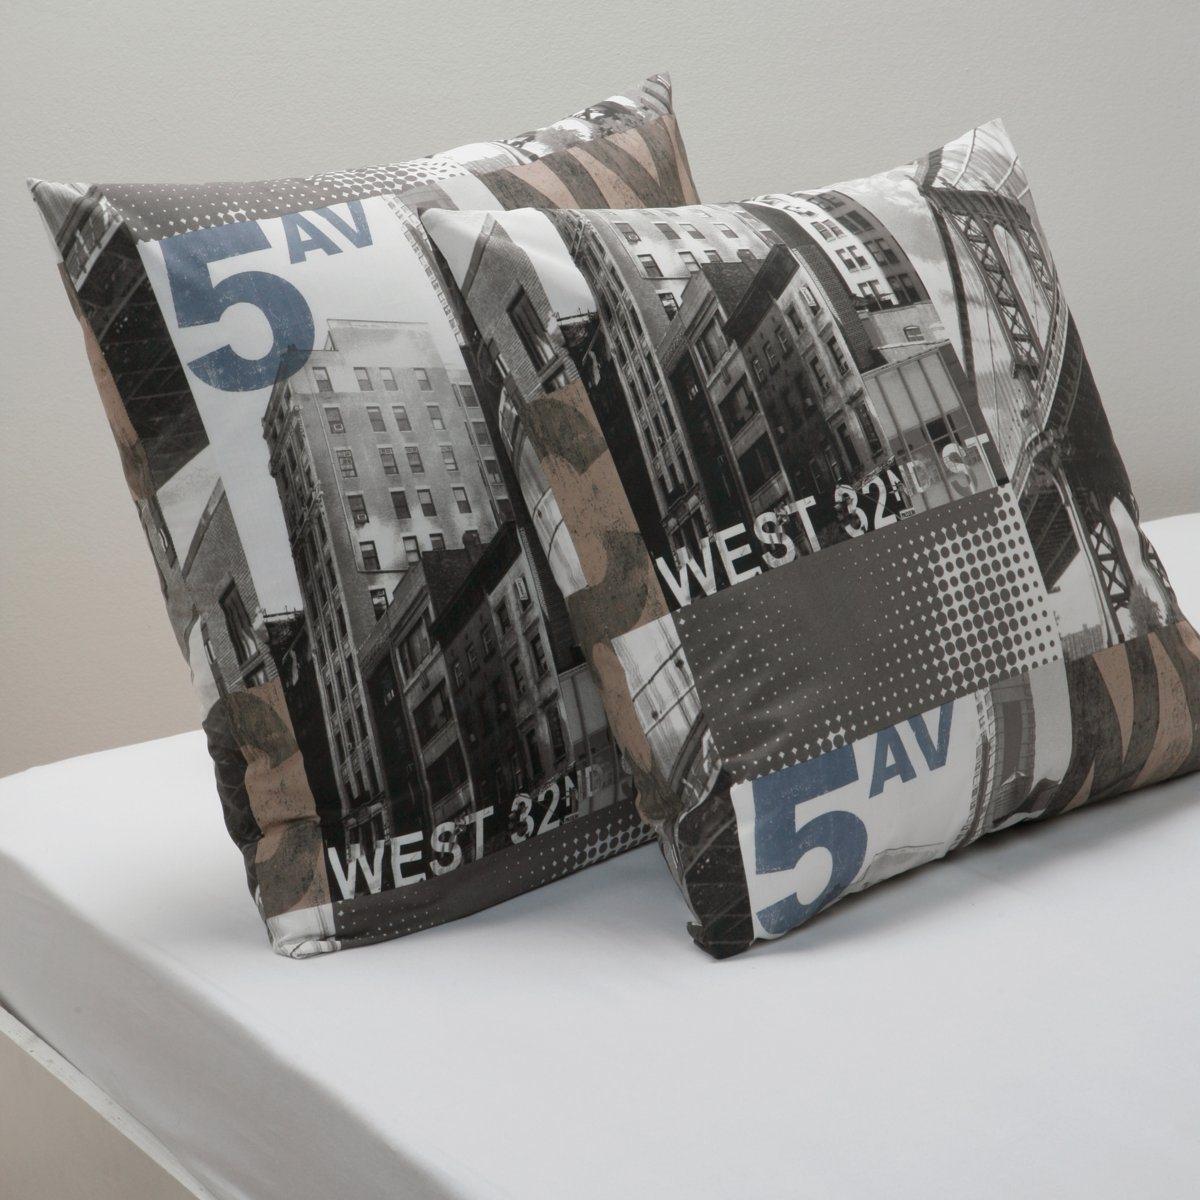 Наволочка Пятая авенюКачество VALEUR S?RE за ткань плотным переплетением нитей (57 нитей/см?). Прогулка по центру Манхэттена! 100% хлопка. Стирка при 60°. Размер: 63 х 63 см.<br><br>Цвет: серый<br>Размер: 63 x 63  см